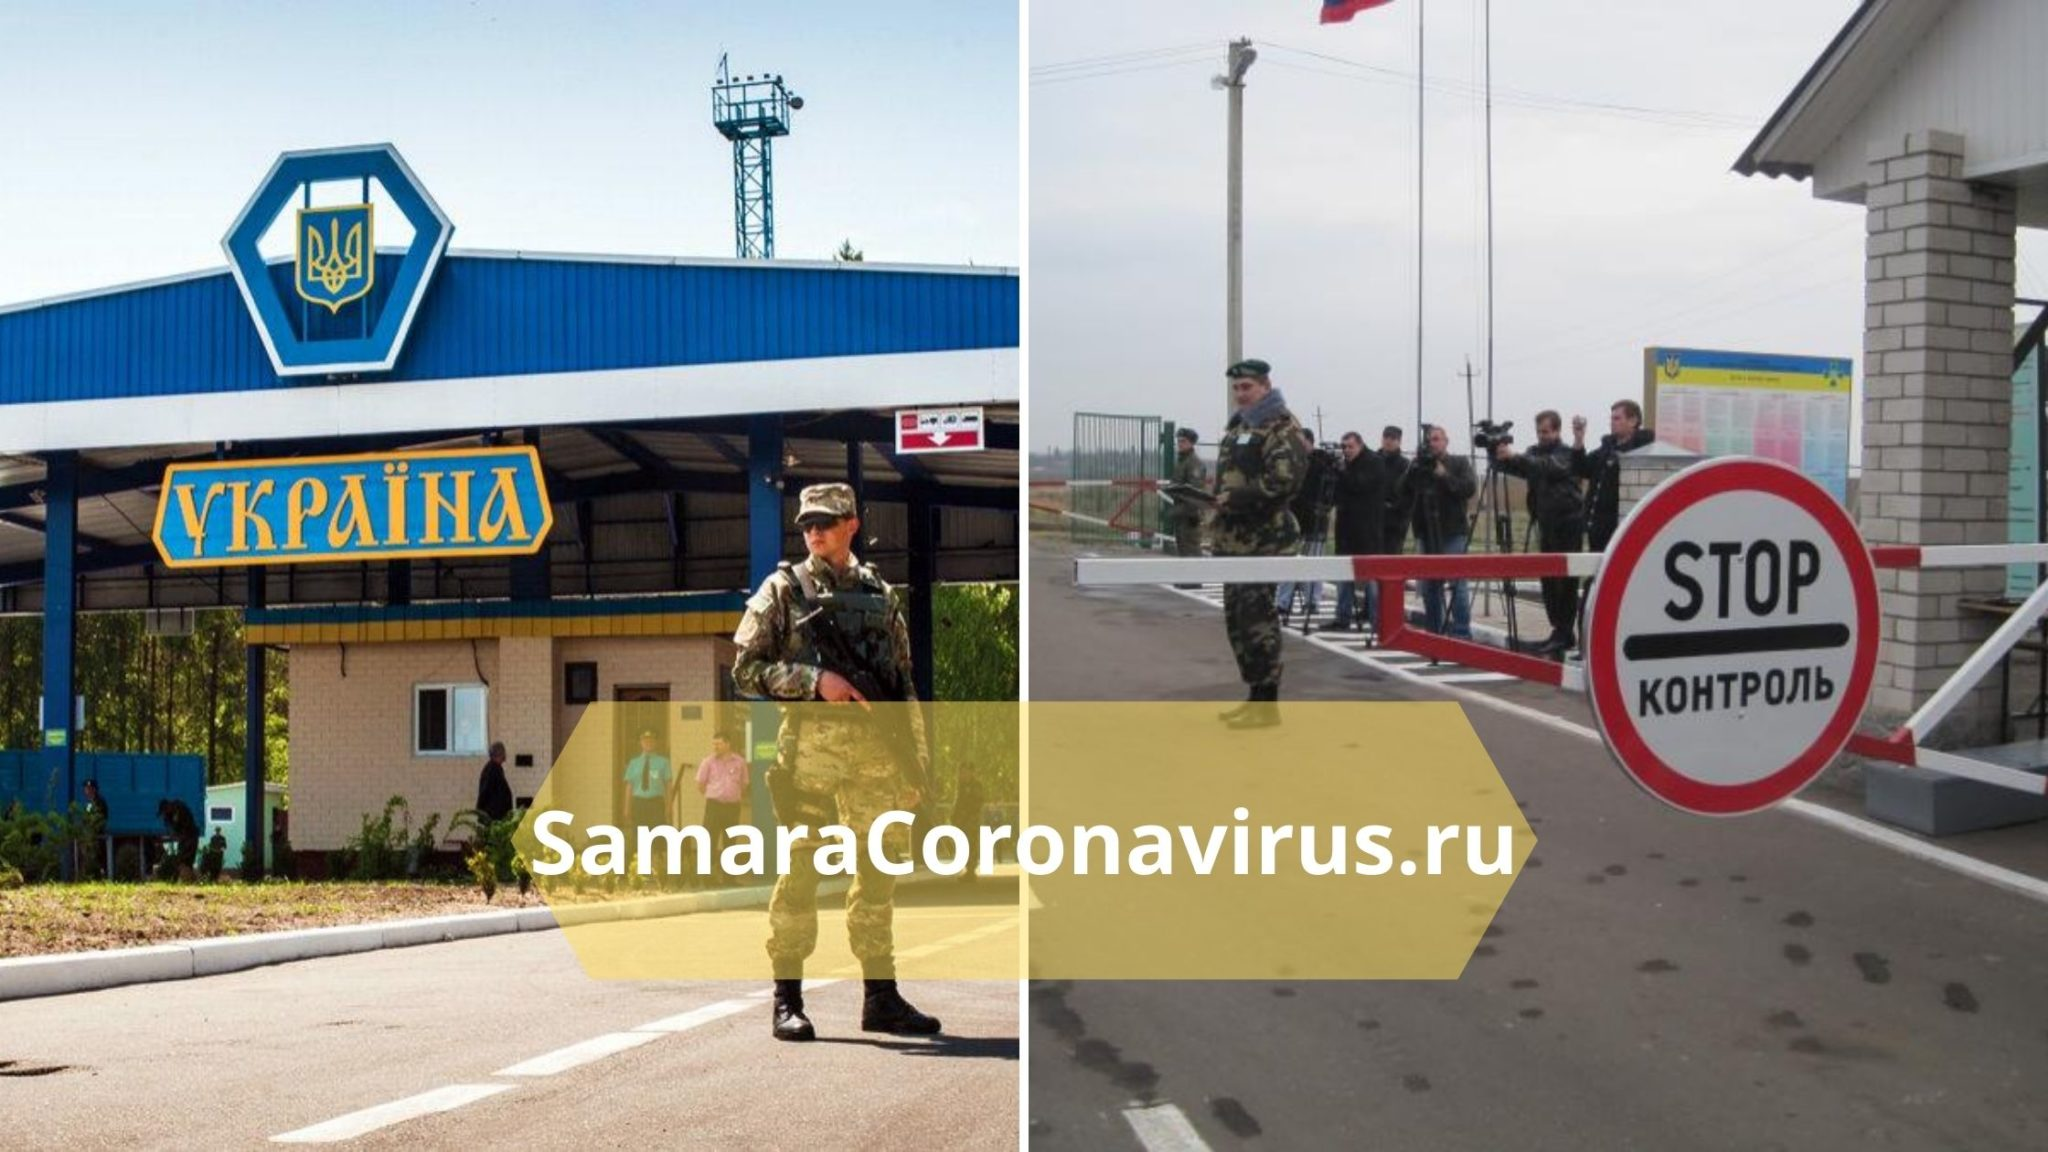 Граница Россия Украина